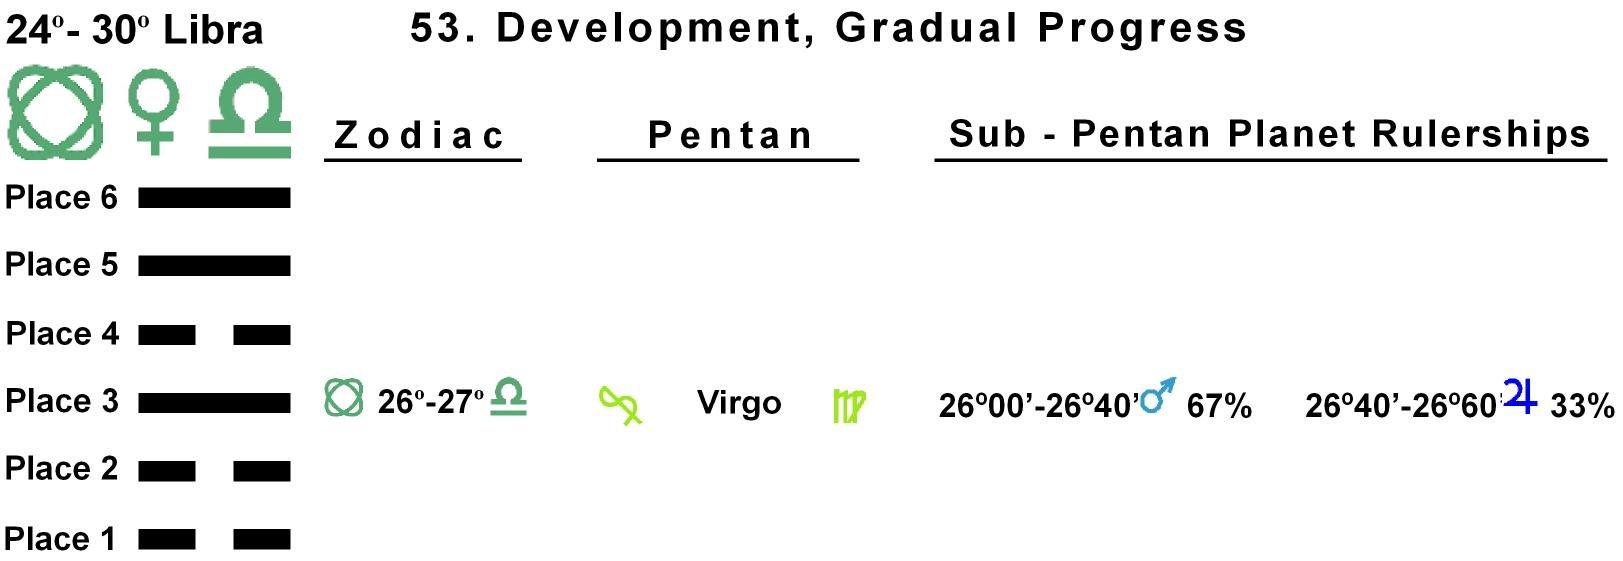 Pent-lines-07LI 26-27 Hx-53 Gradual Progress